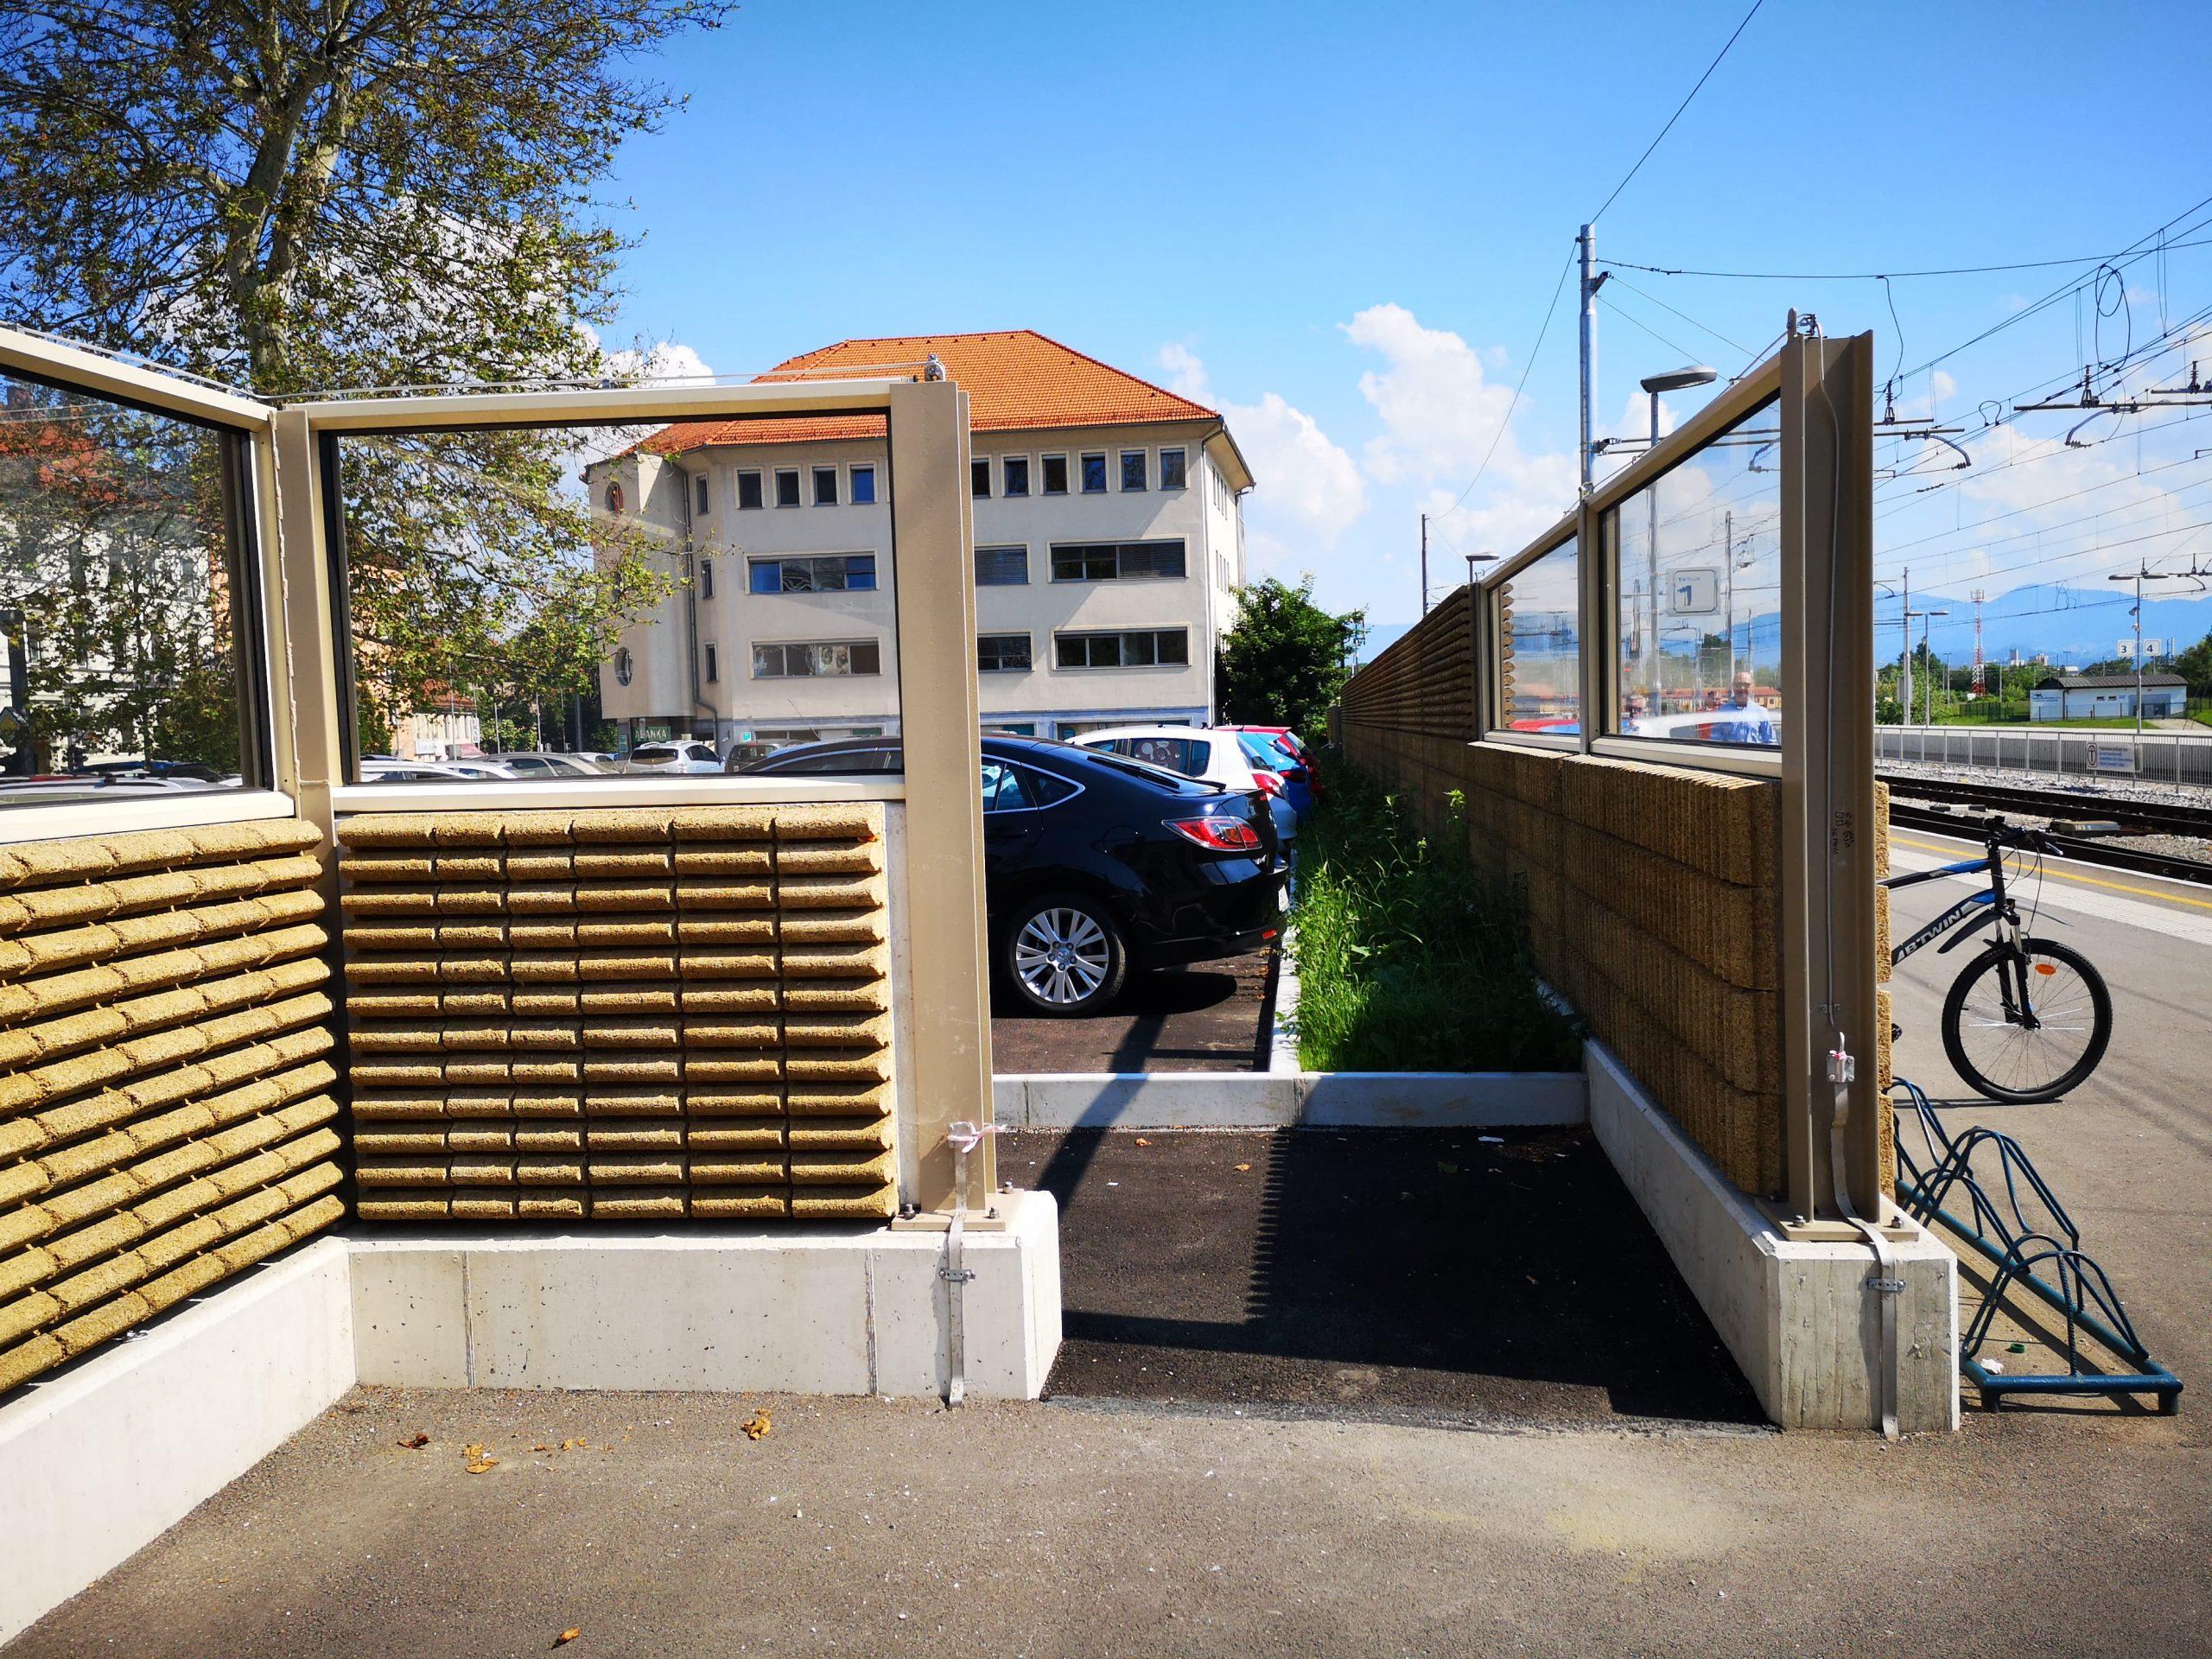 Prometni hrup Zidani Most-Celje slika5